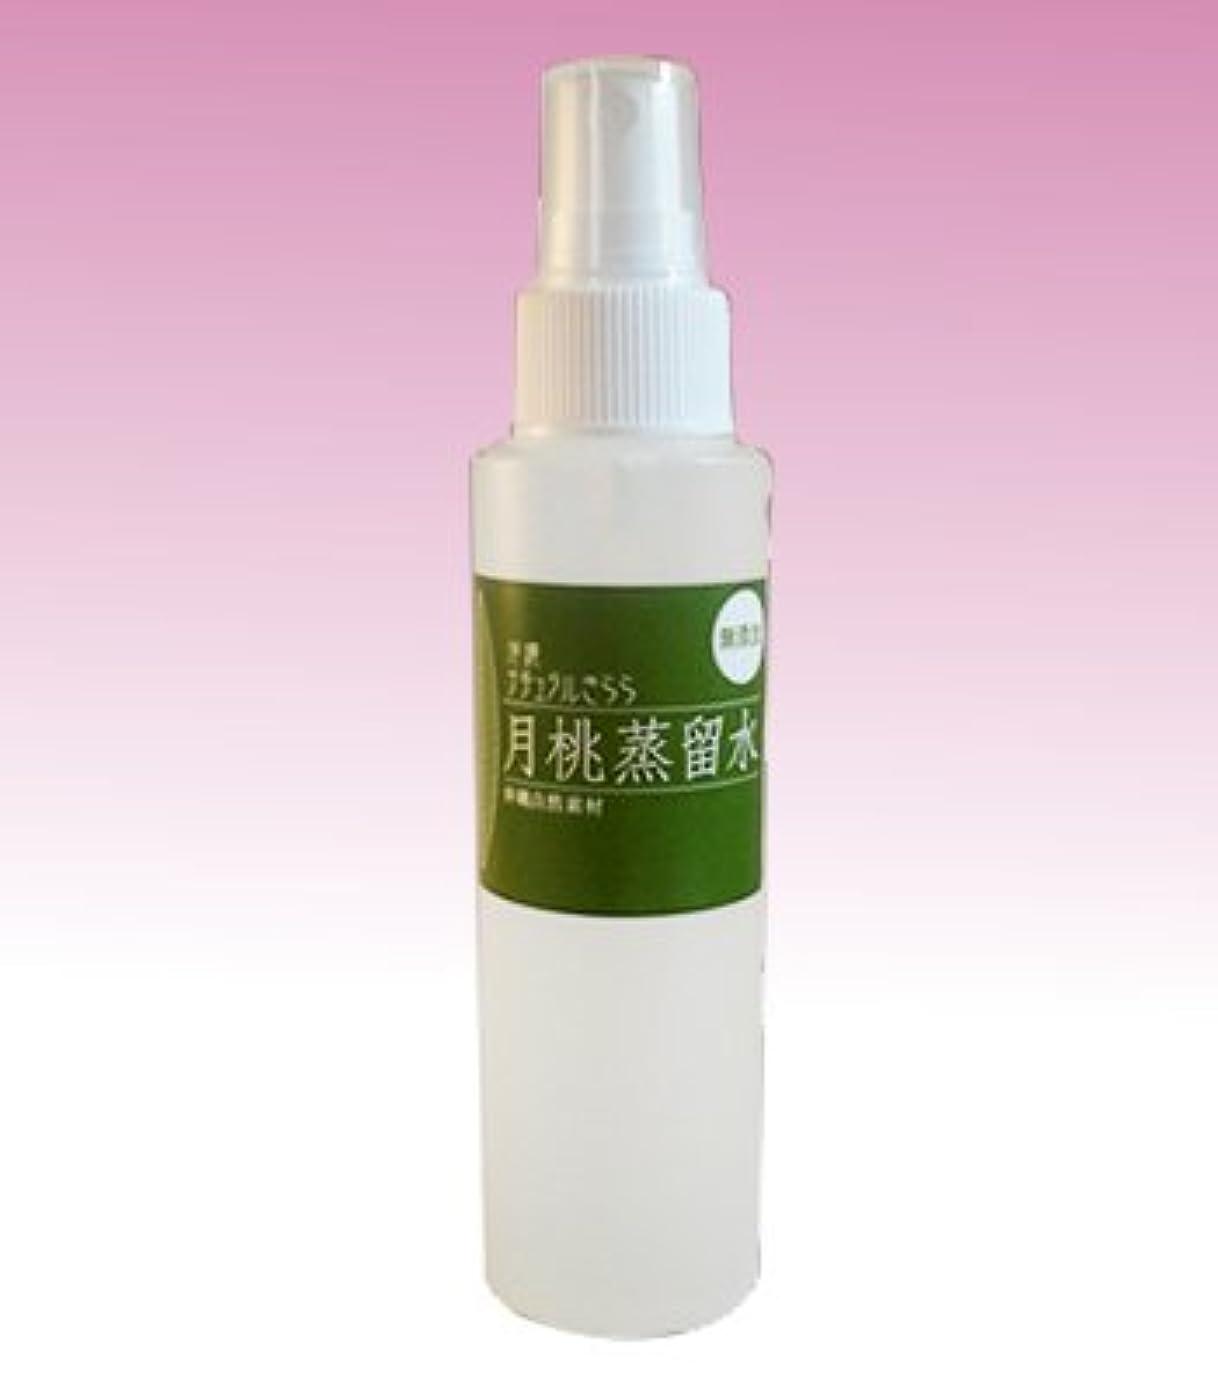 認可シールドカンガルー月桃蒸留水 (200ml)